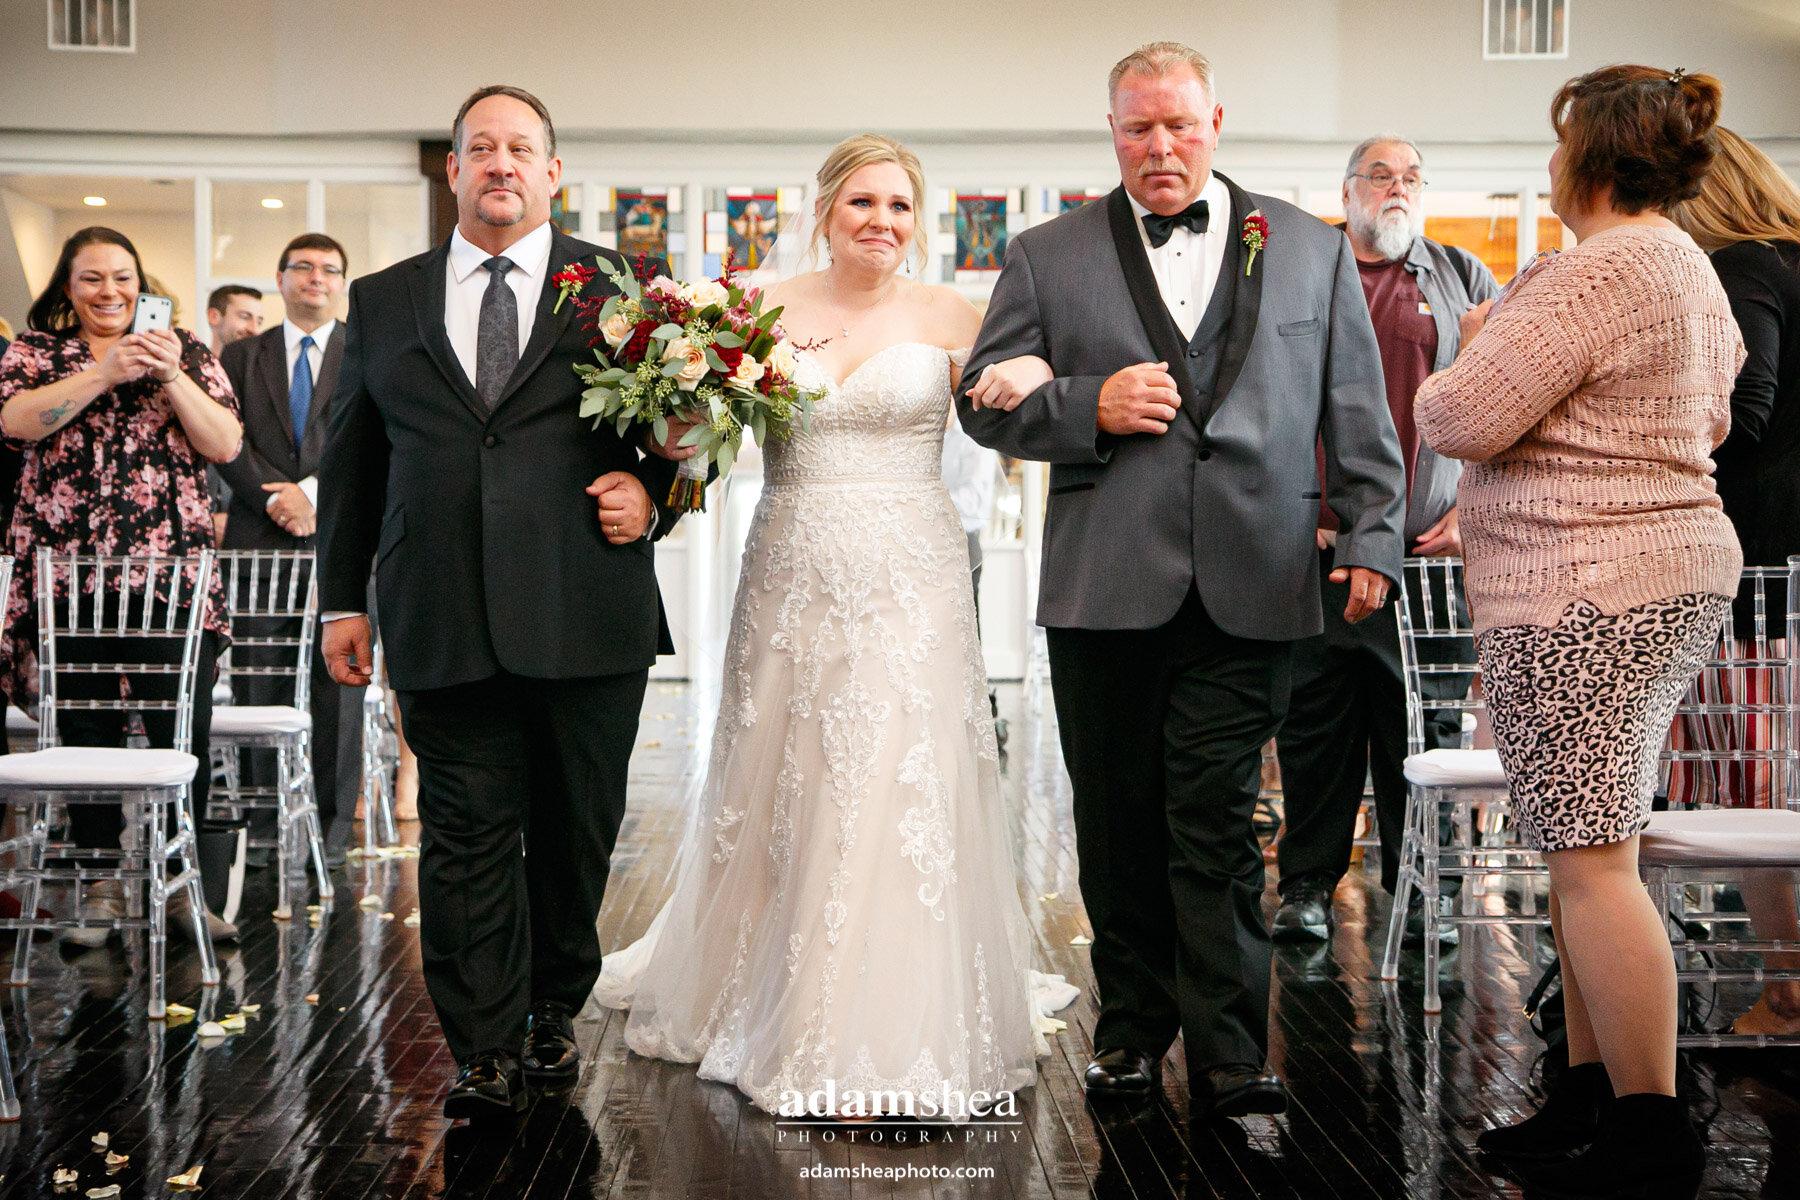 Taylor-Favian-Sepia-Wedding-Chapel-Adam-Shea-Photography-Two-Rivers-WI00011.jpg